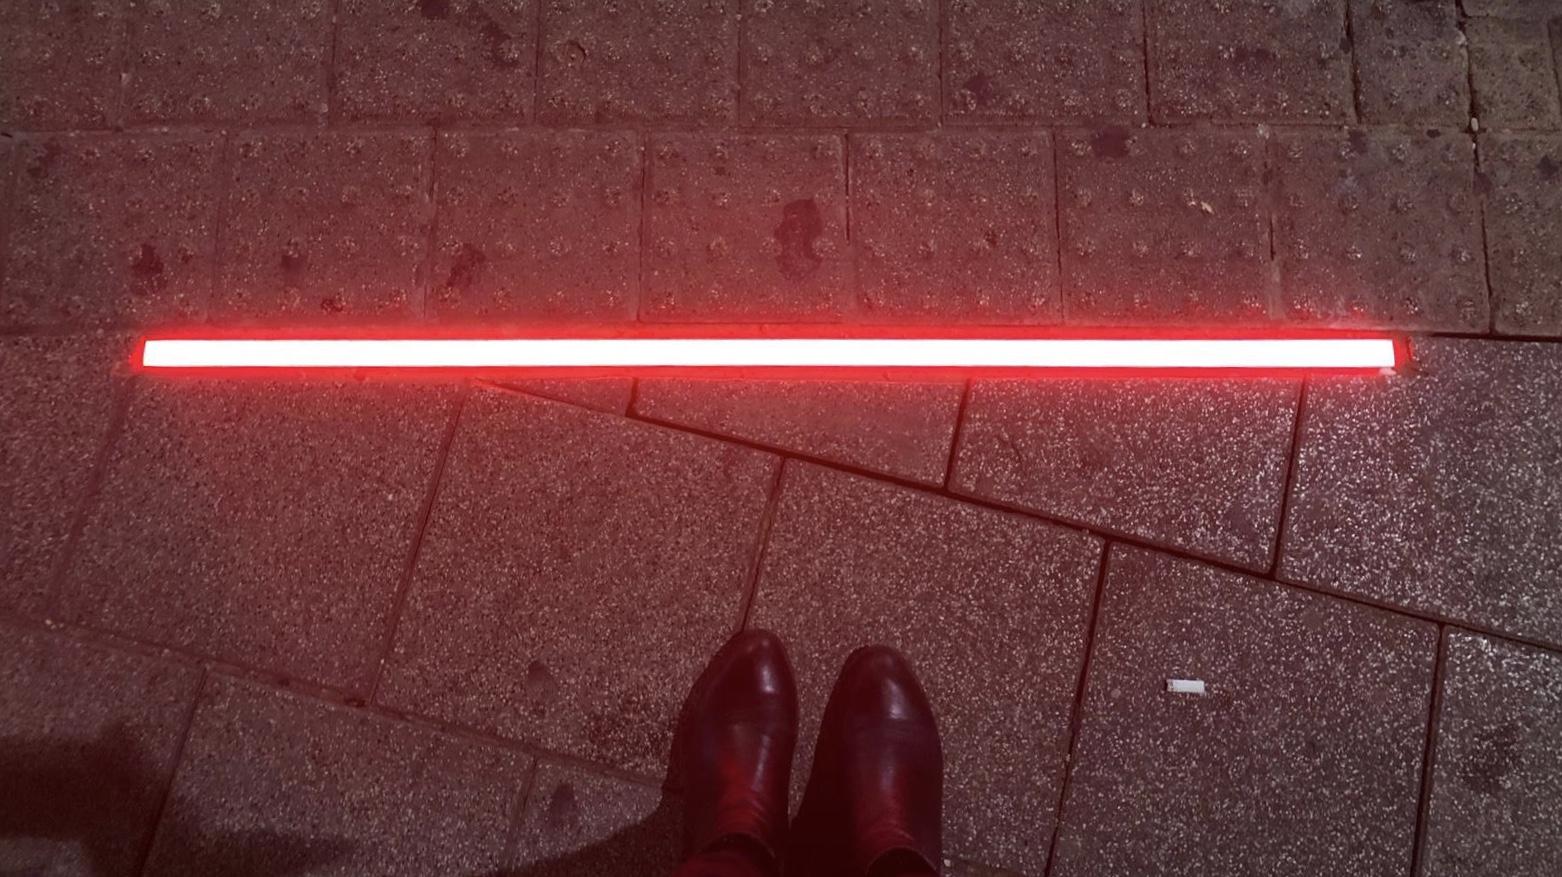 Эта полоса на тротуаре соответствует красному свету на светофоре. Фото предоставлено пресс-службой муниципалитета Тель-Авива.